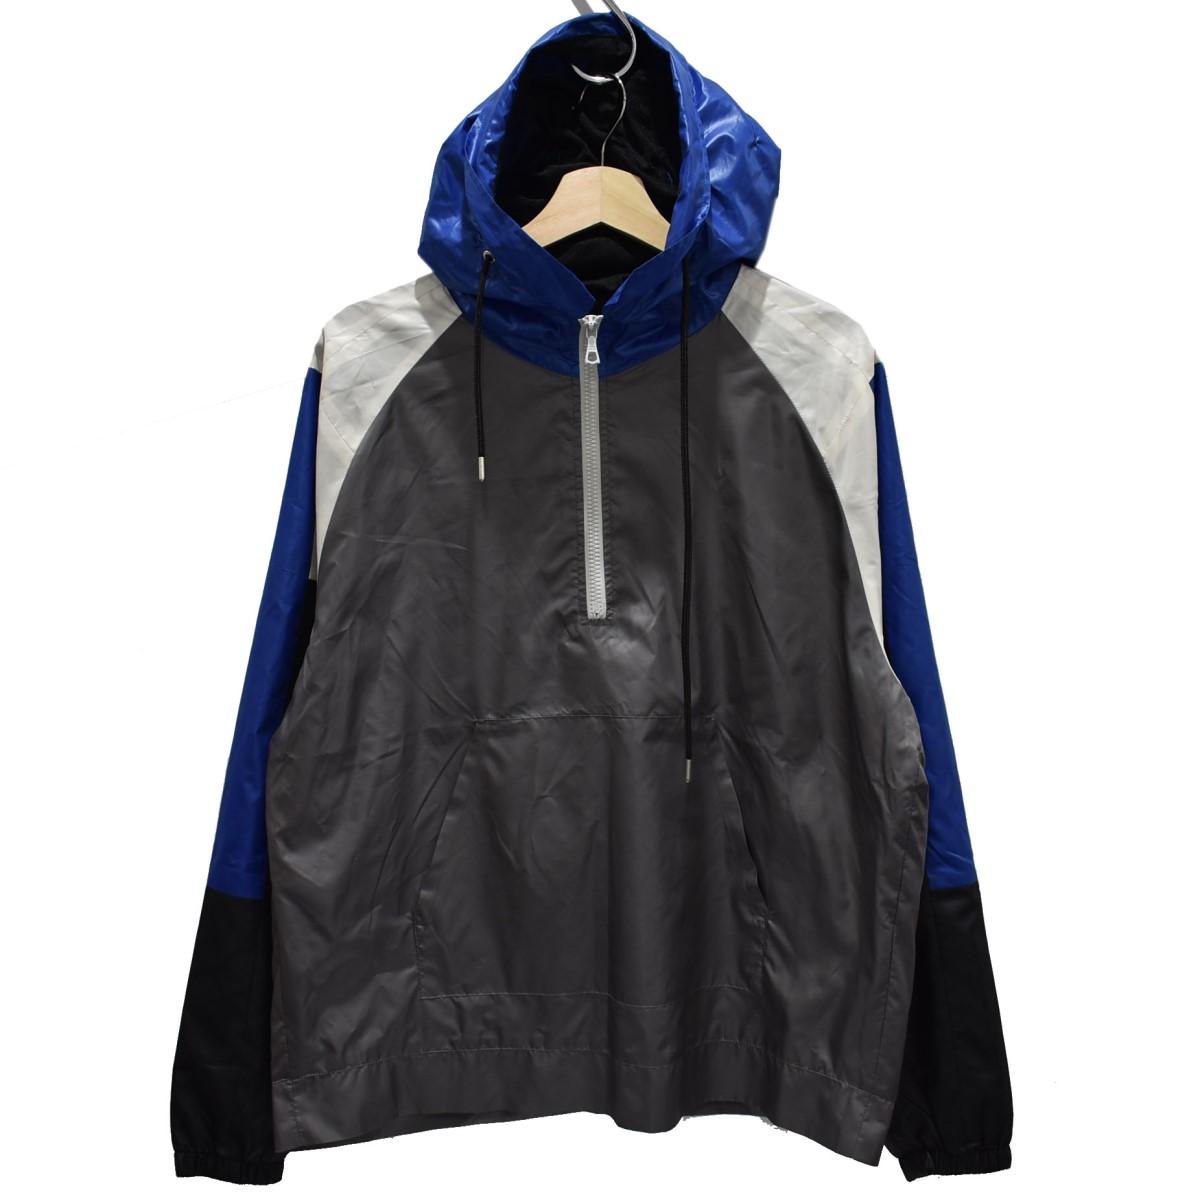 【中古】JOHN ELLIOTT sail jacket ナイロンジャケット グレー×ブルー サイズ:2 【150420】(ジョンエリオット)